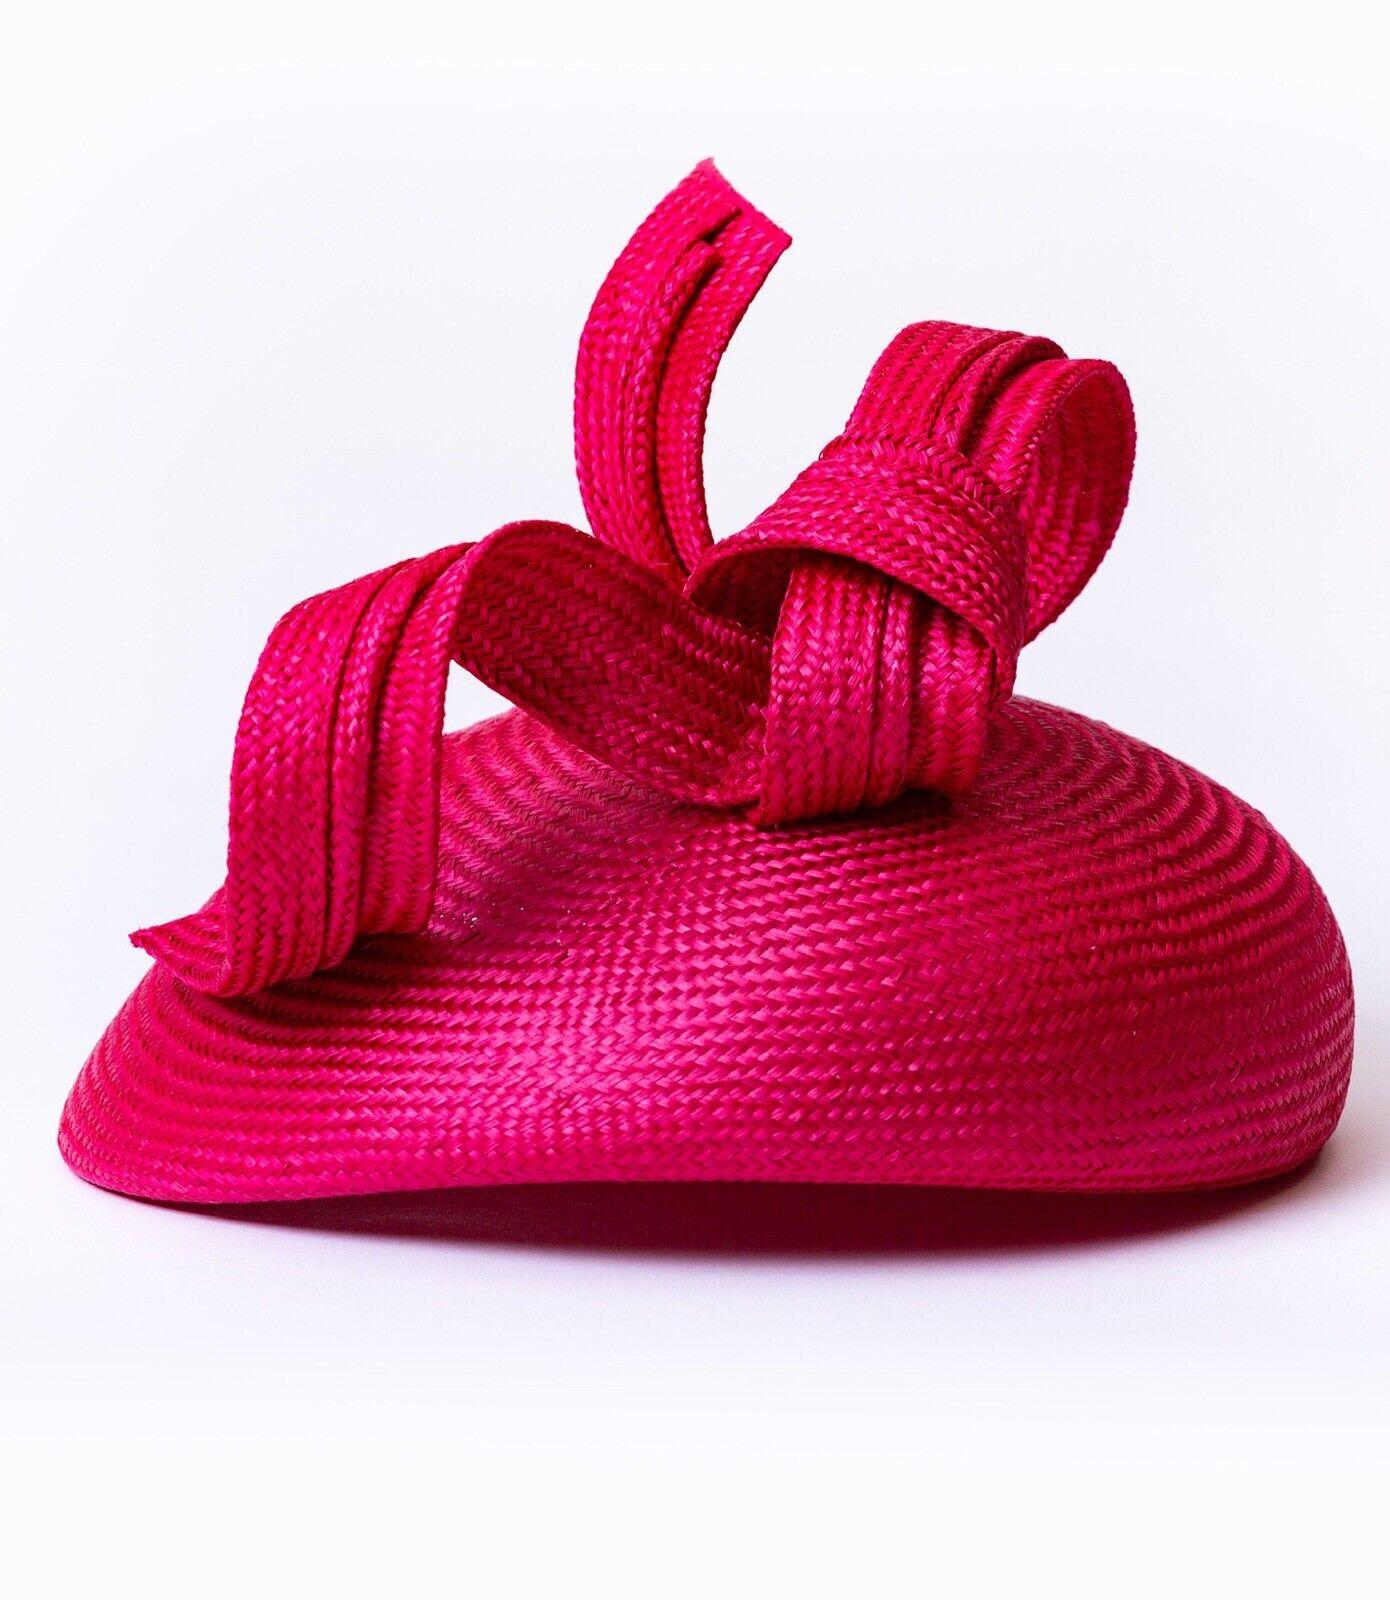 Whiteley Hat Swirl Pillbox Hat Crimson Red Bnwt